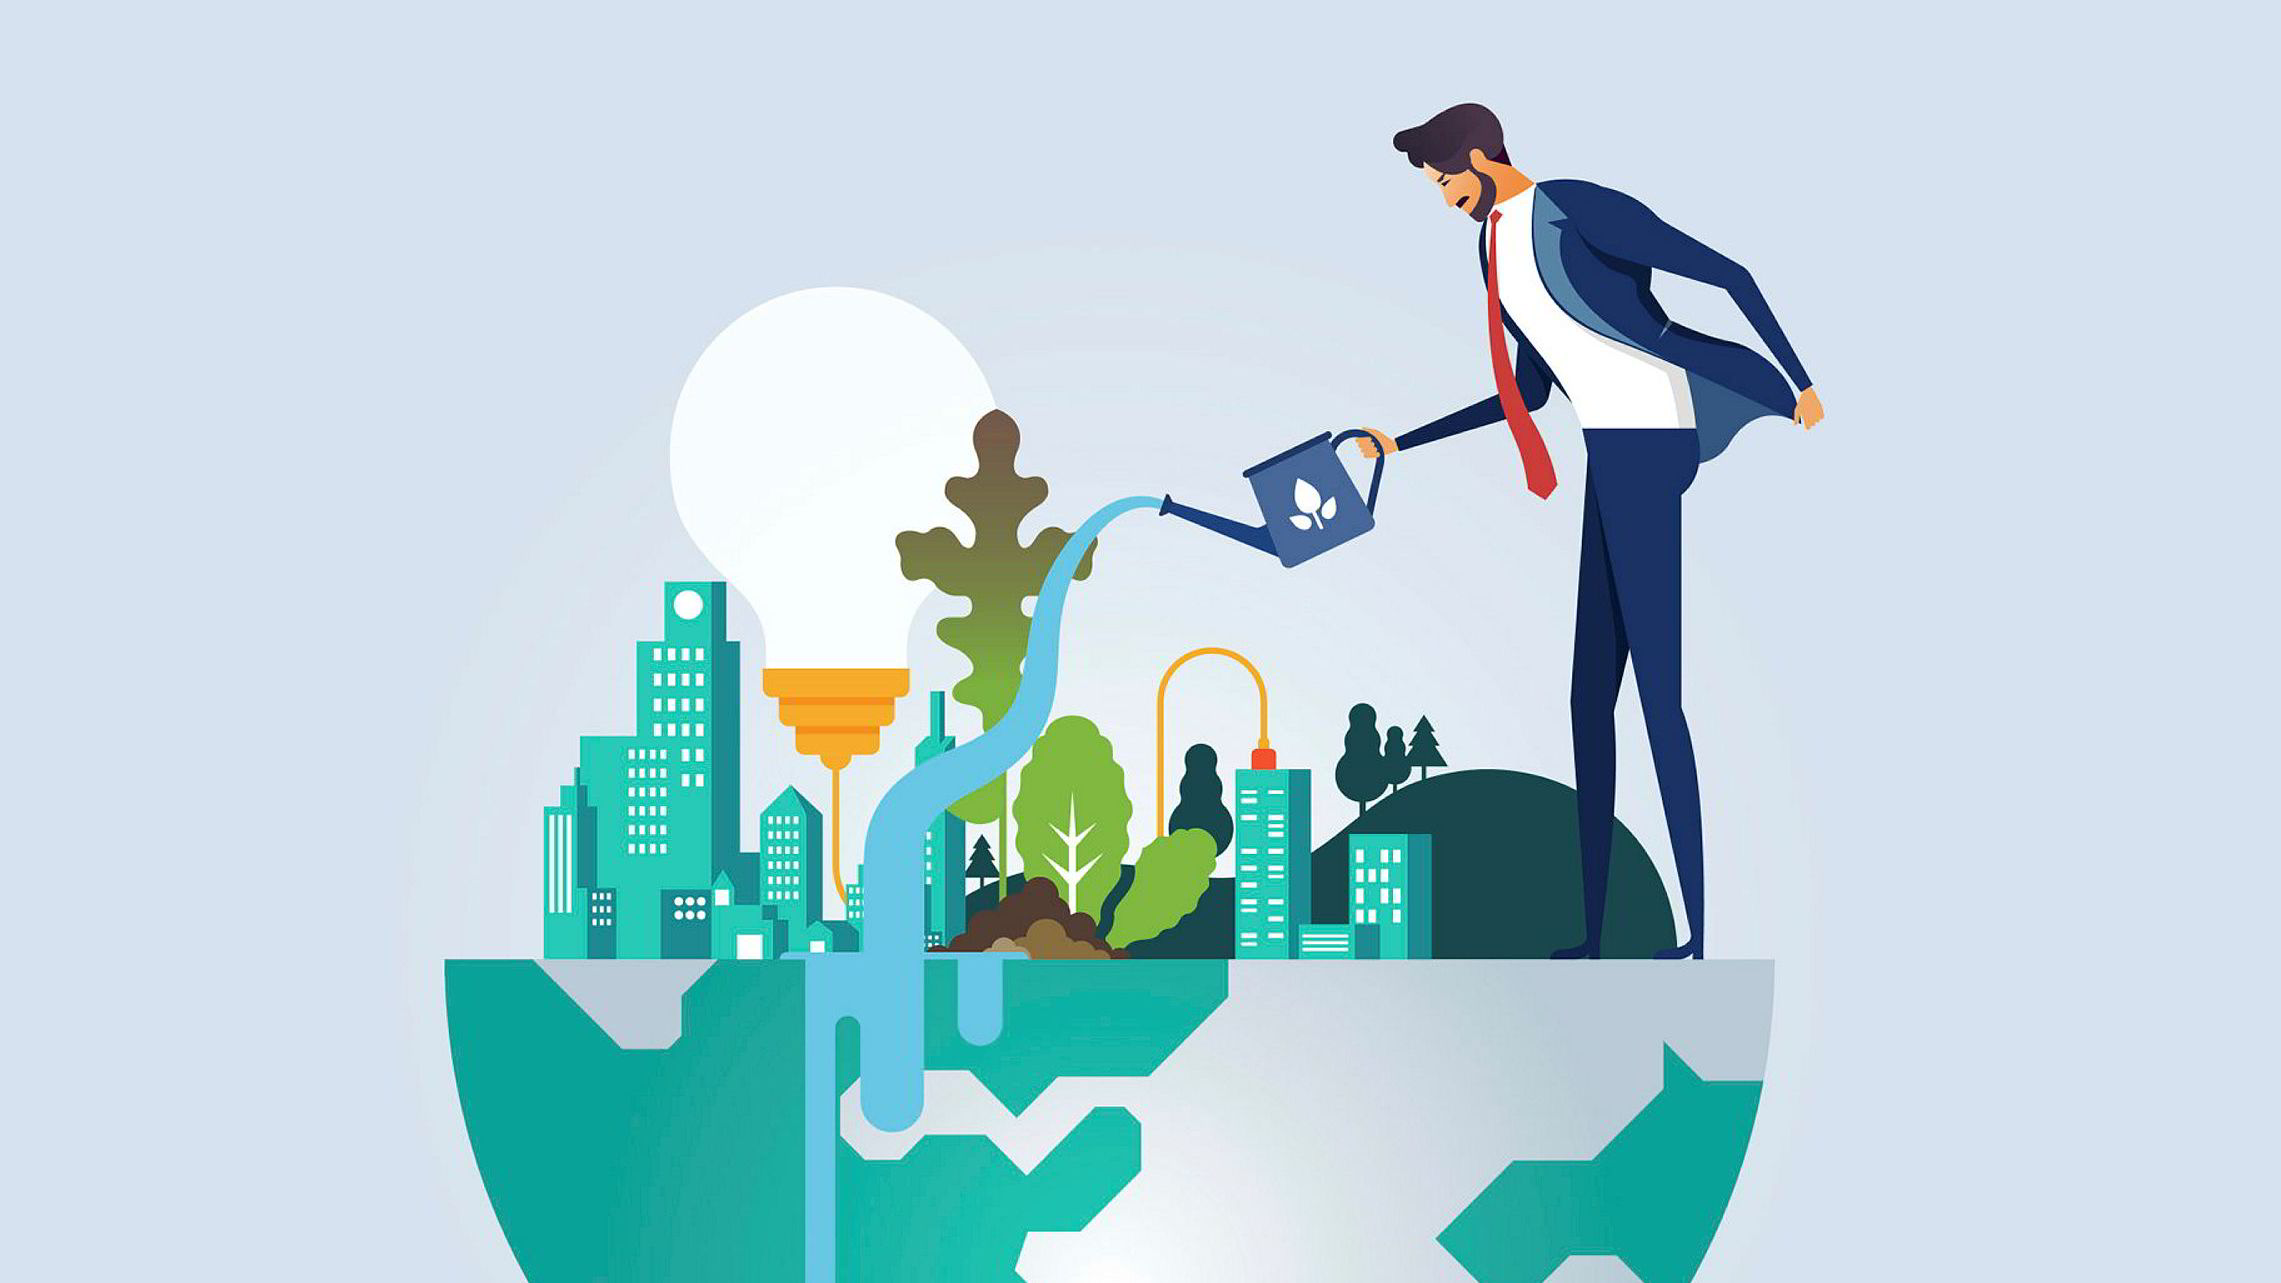 Ingen er tjent med «grønnvasking» – hverken bedriftene, markedet eller miljøet/klimaet, skriver artikkelforfatteren.